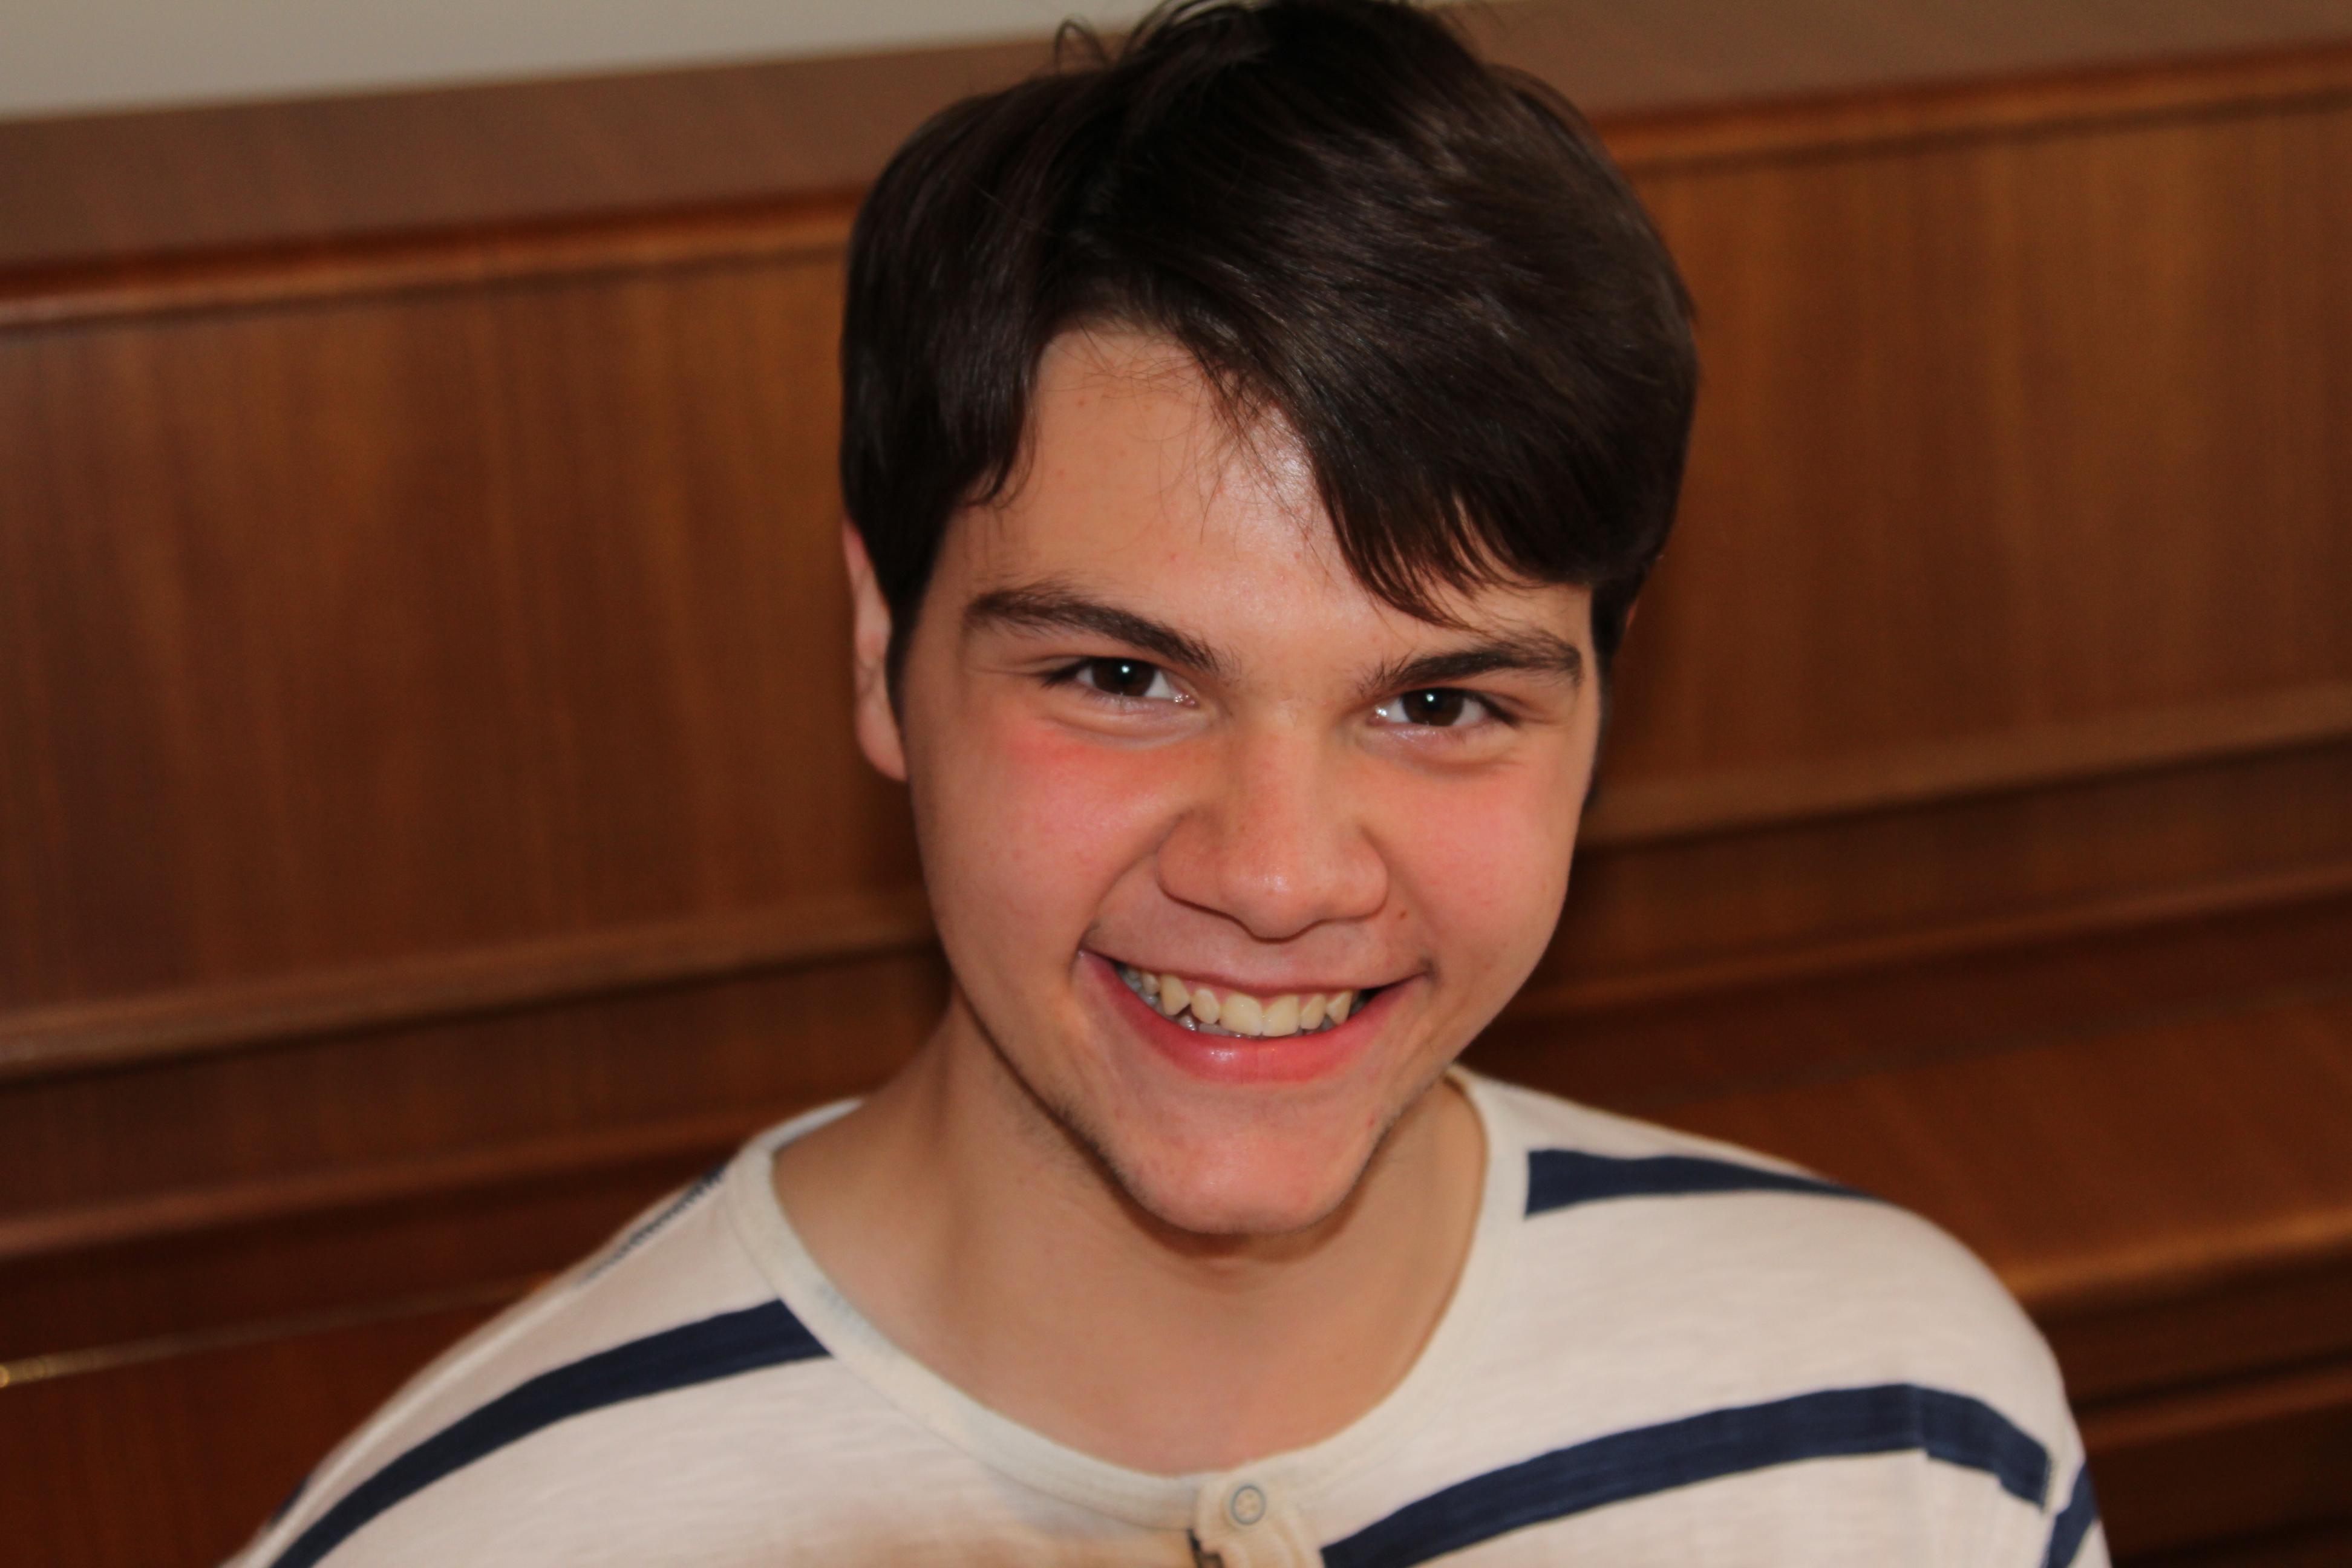 Fabian Rapp